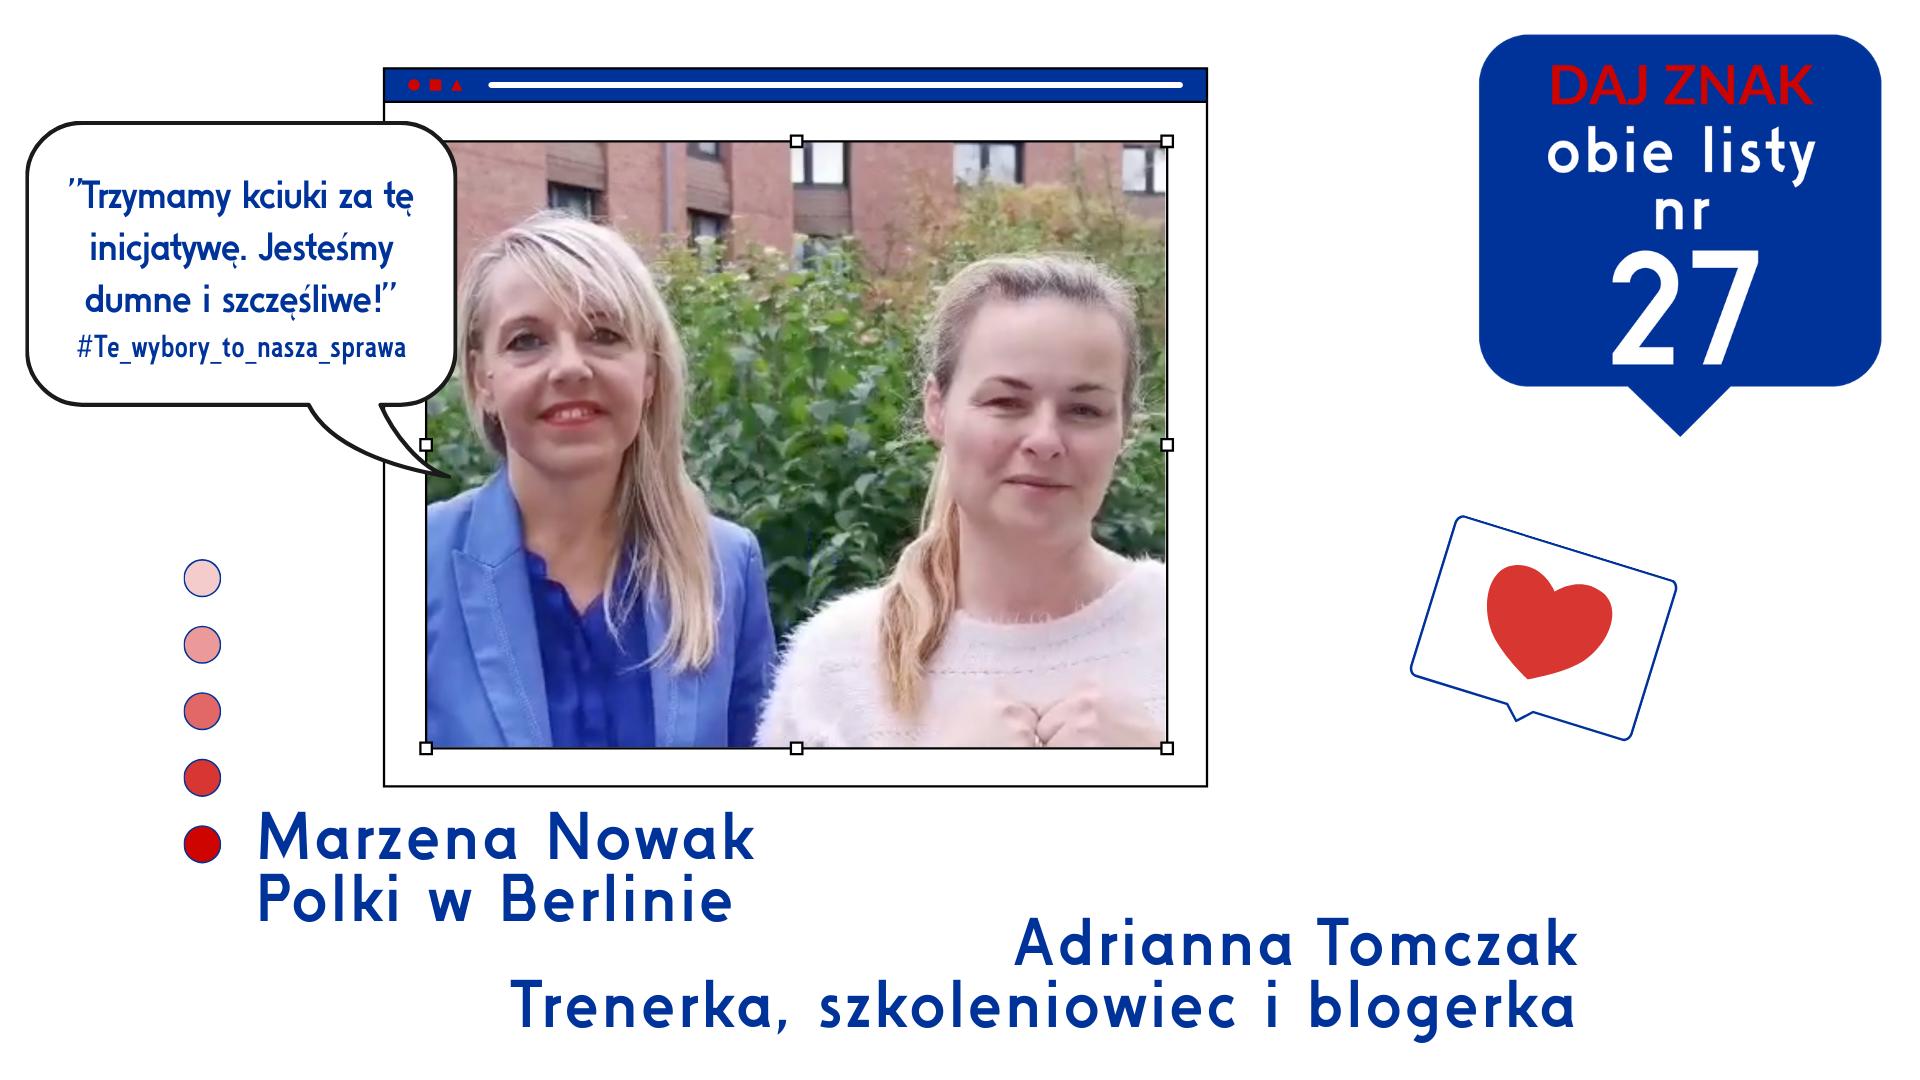 Marzena Nowak i Adrianna Tomczak